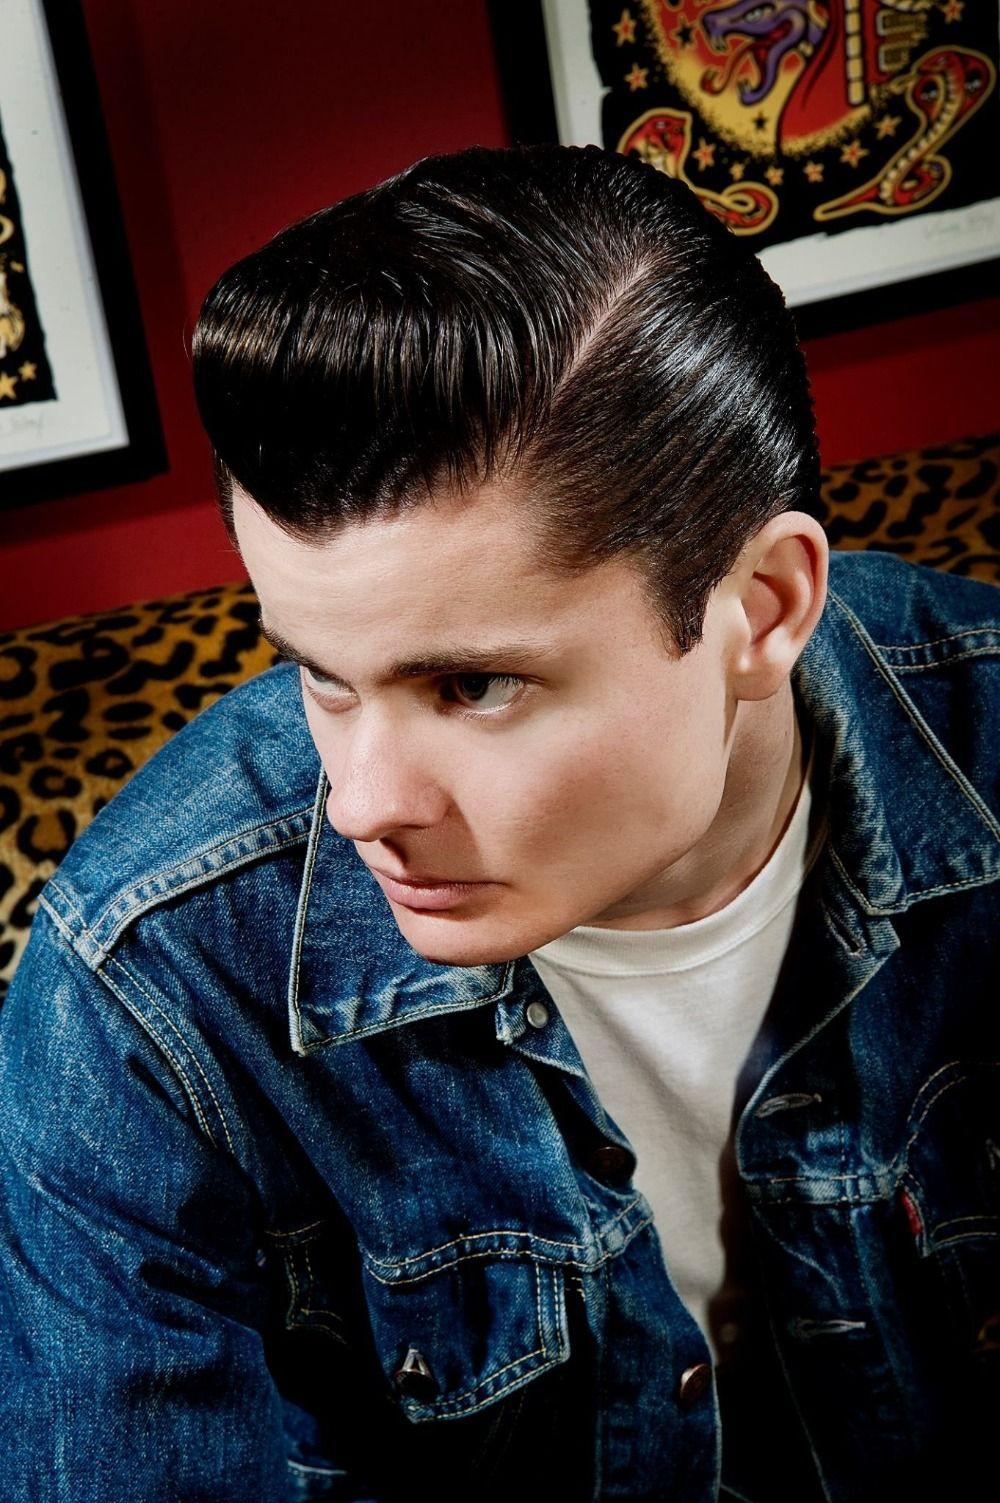 Klassischer 50er Look Mit Rockabilly Frisur Mann Mit Jeansjacke Rockabilly Frisur Rockabilly Frisuren Manner Frisur Langes Gesicht